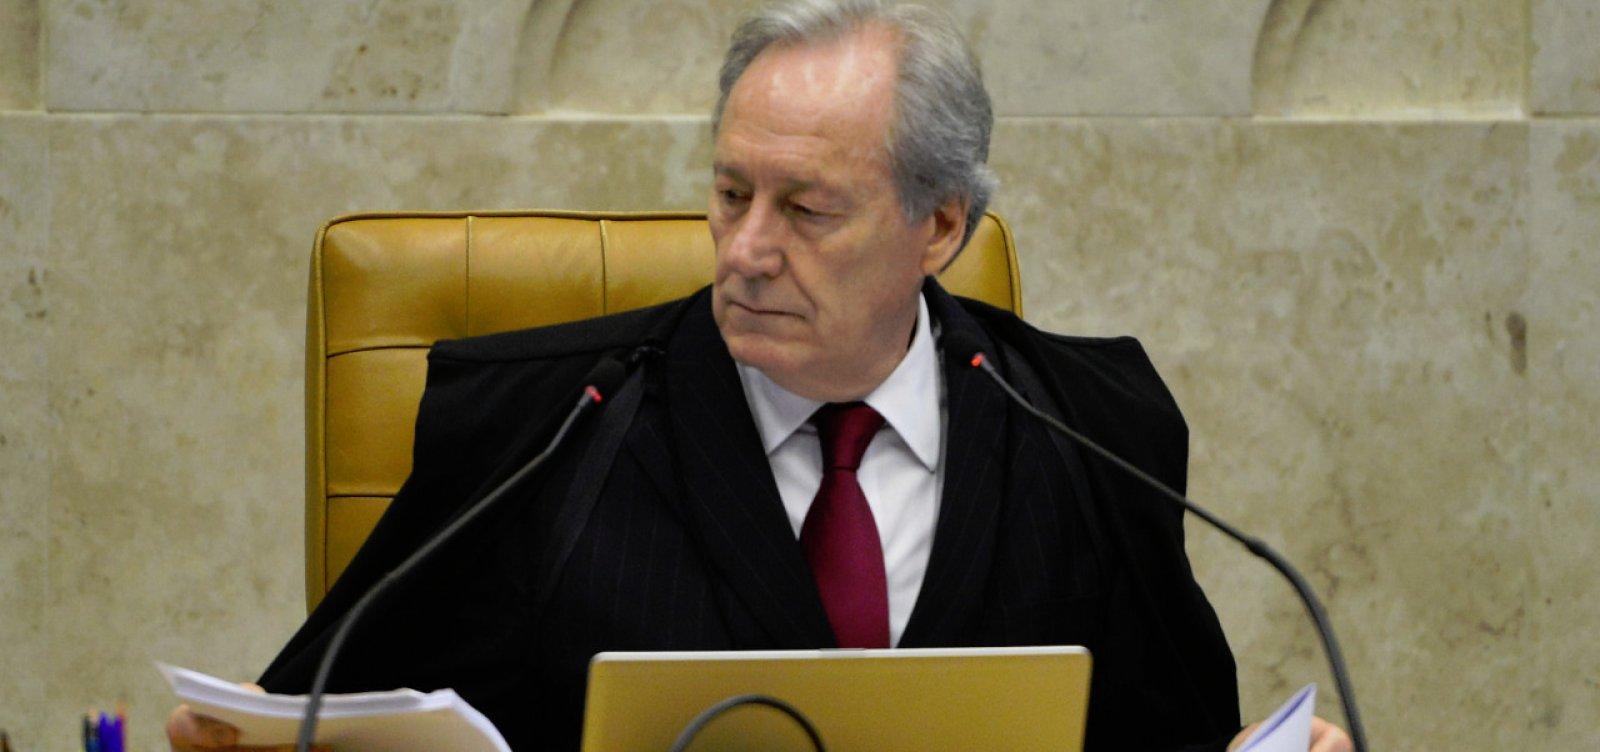 [Lewandowski diz que vai 'procurar liberar' recurso de Lula até semana que vem]